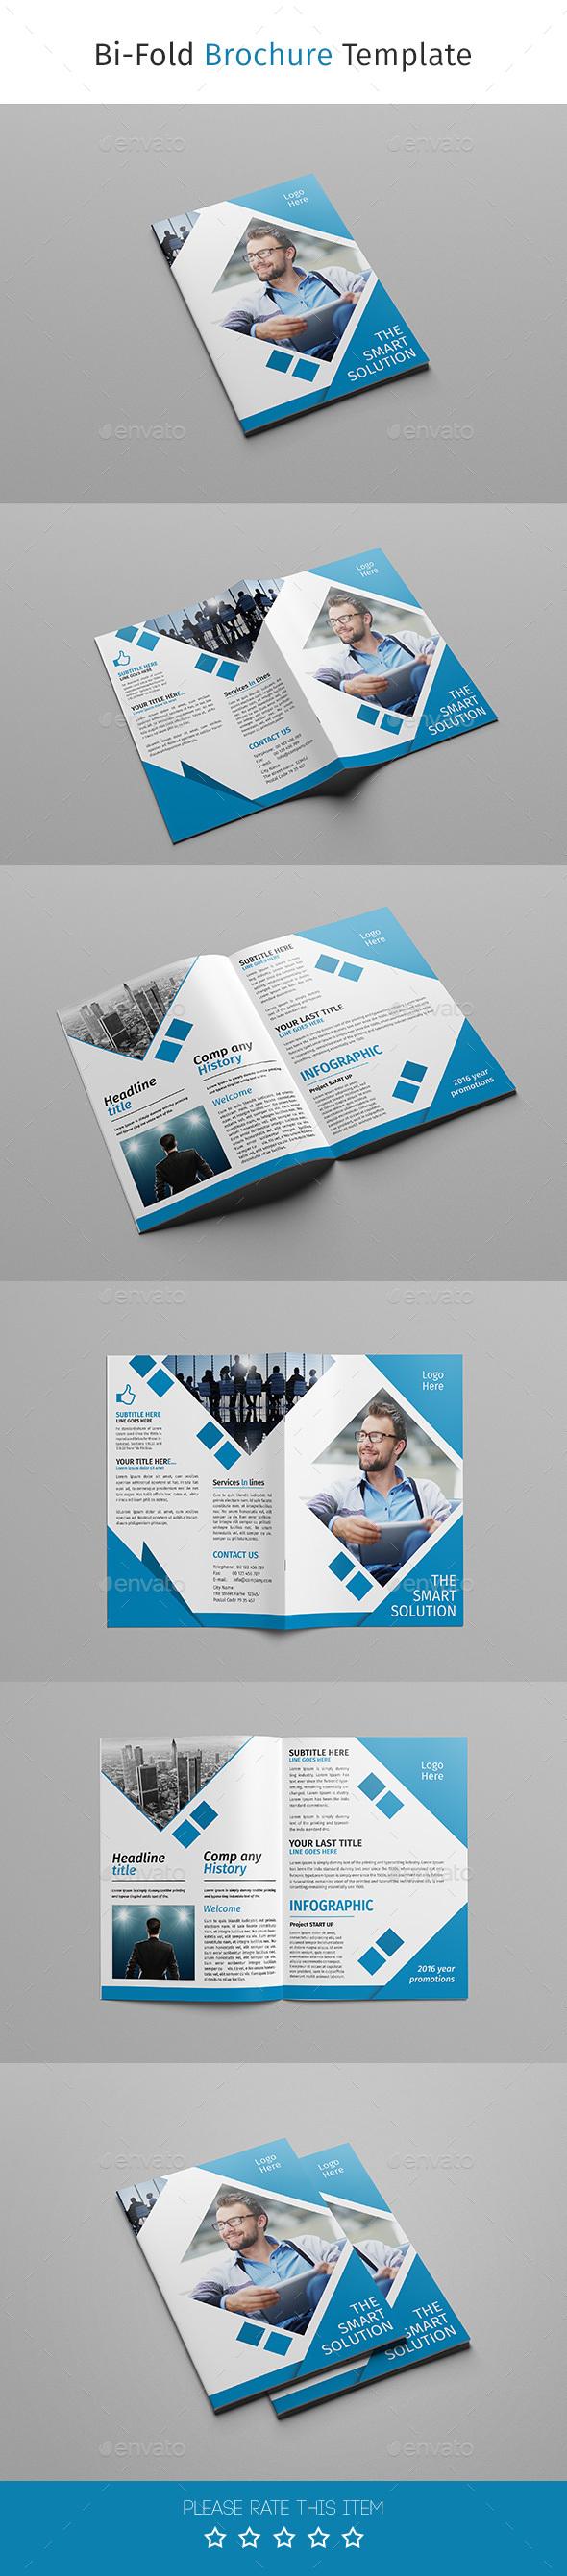 Corporate Business Bi-fold Brochure 08 - Corporate Brochures